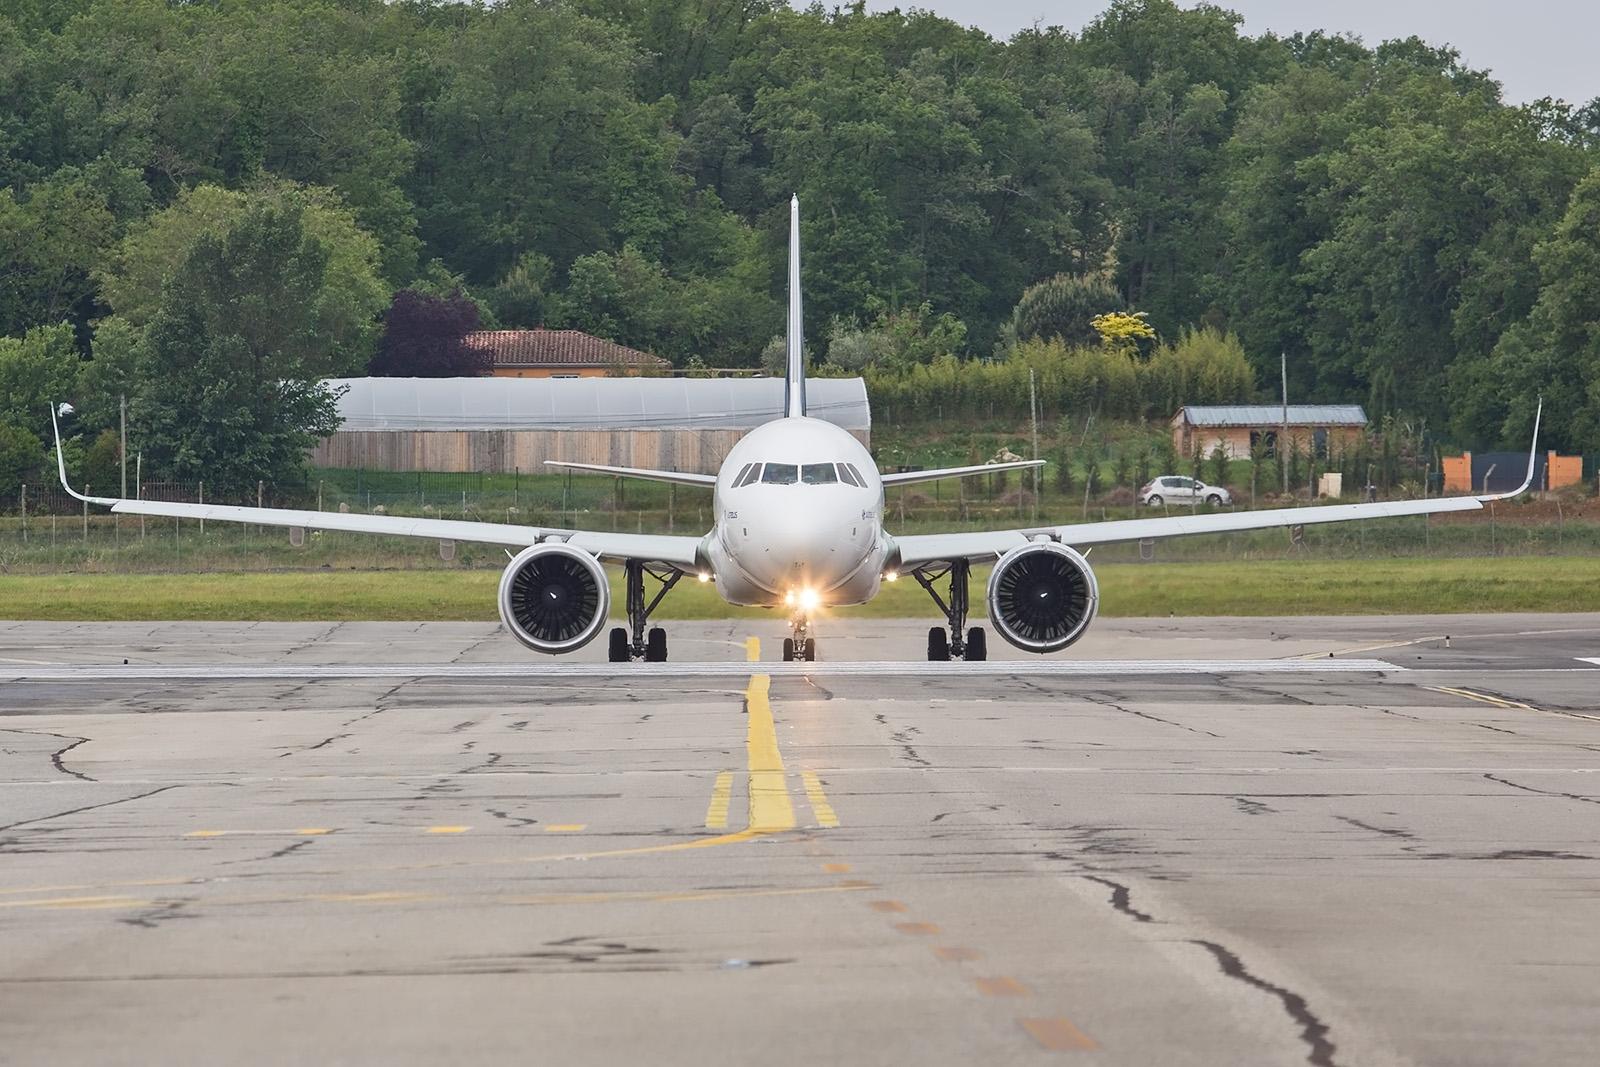 Frontalansicht der A320NEO mit den im Vergleich zum Rumpf sehr großen Triebwerken.